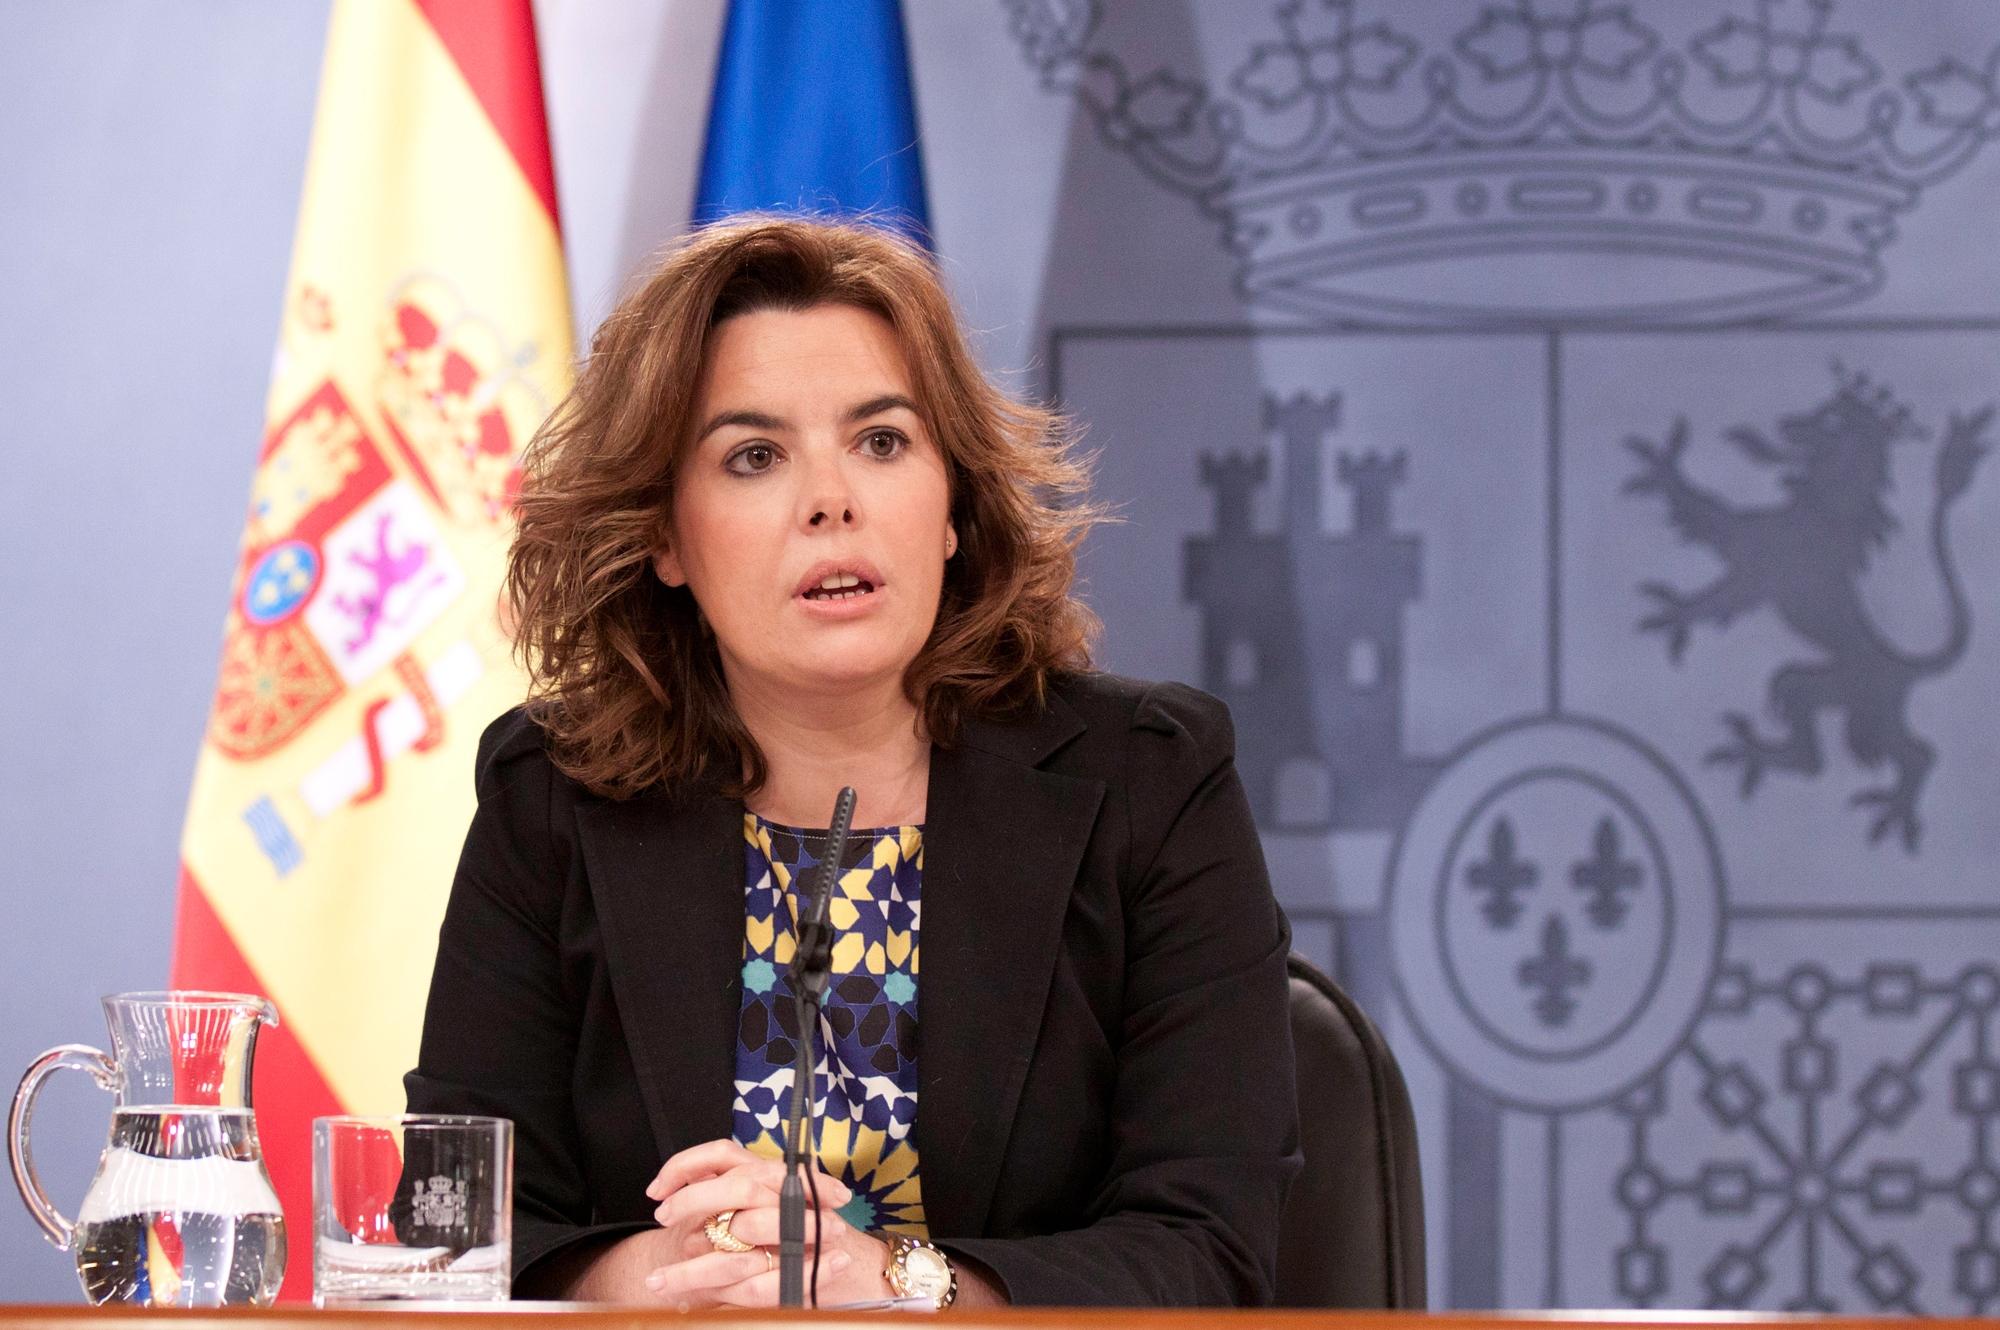 Sáenz de Santamaría presidirá un comité especial para gestionar la crisis del virus del ébola